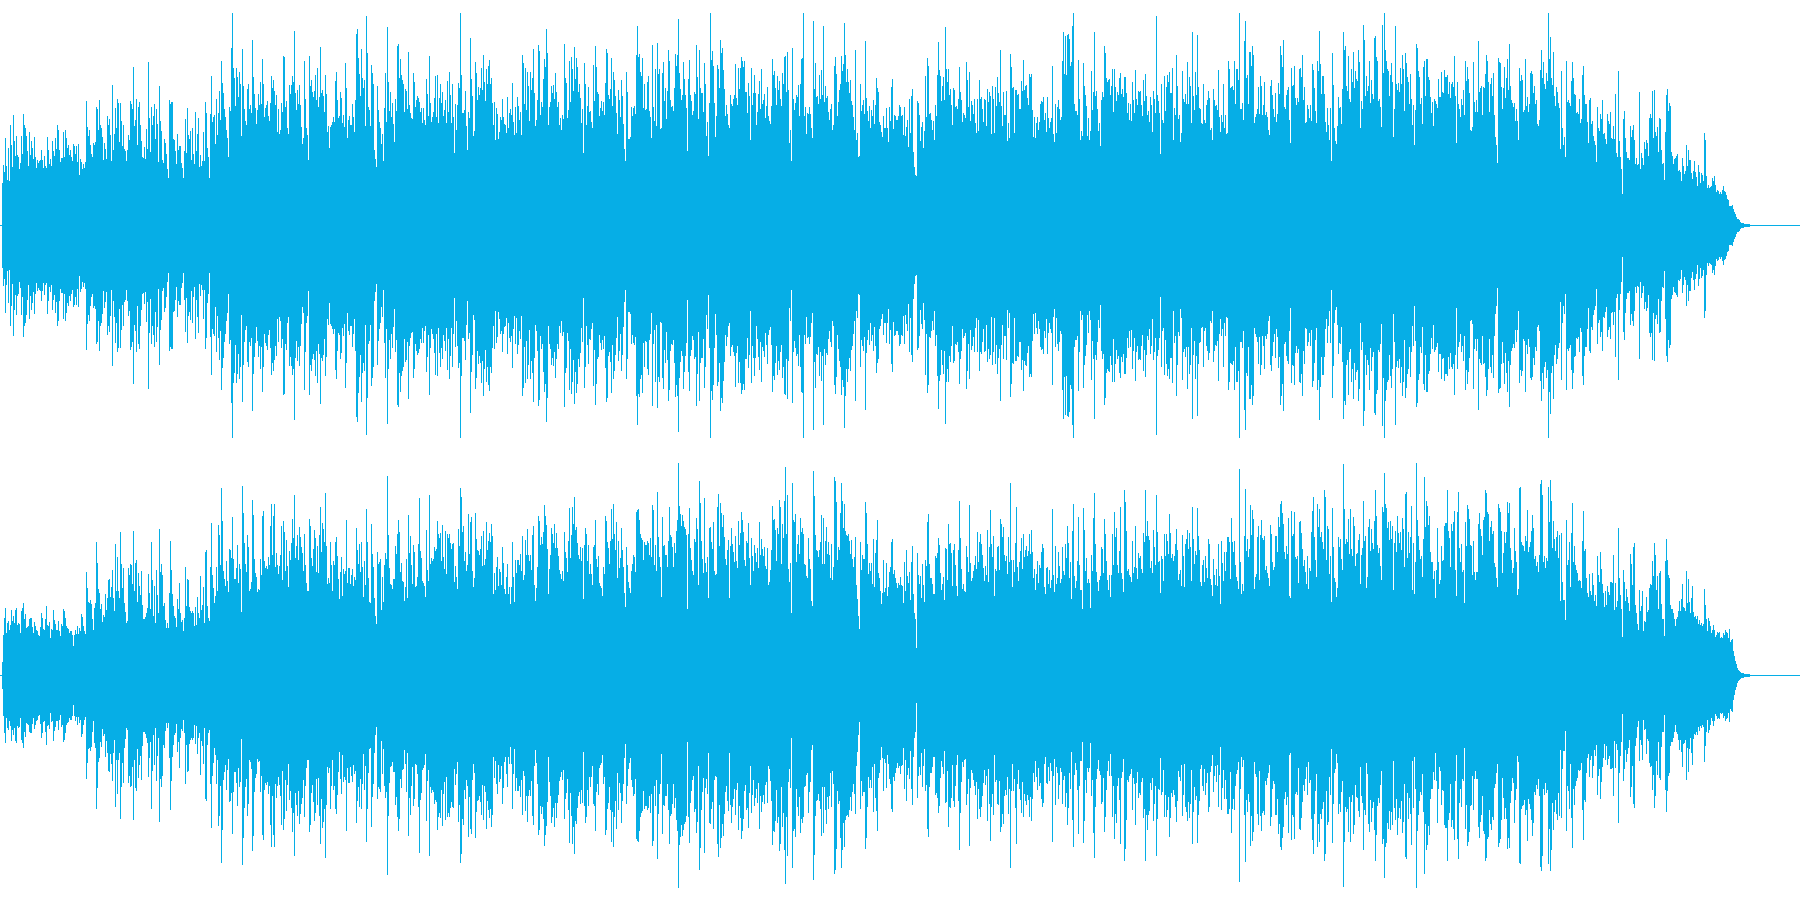 思い出 ドラマ 懐かしい ほのぼのの再生済みの波形